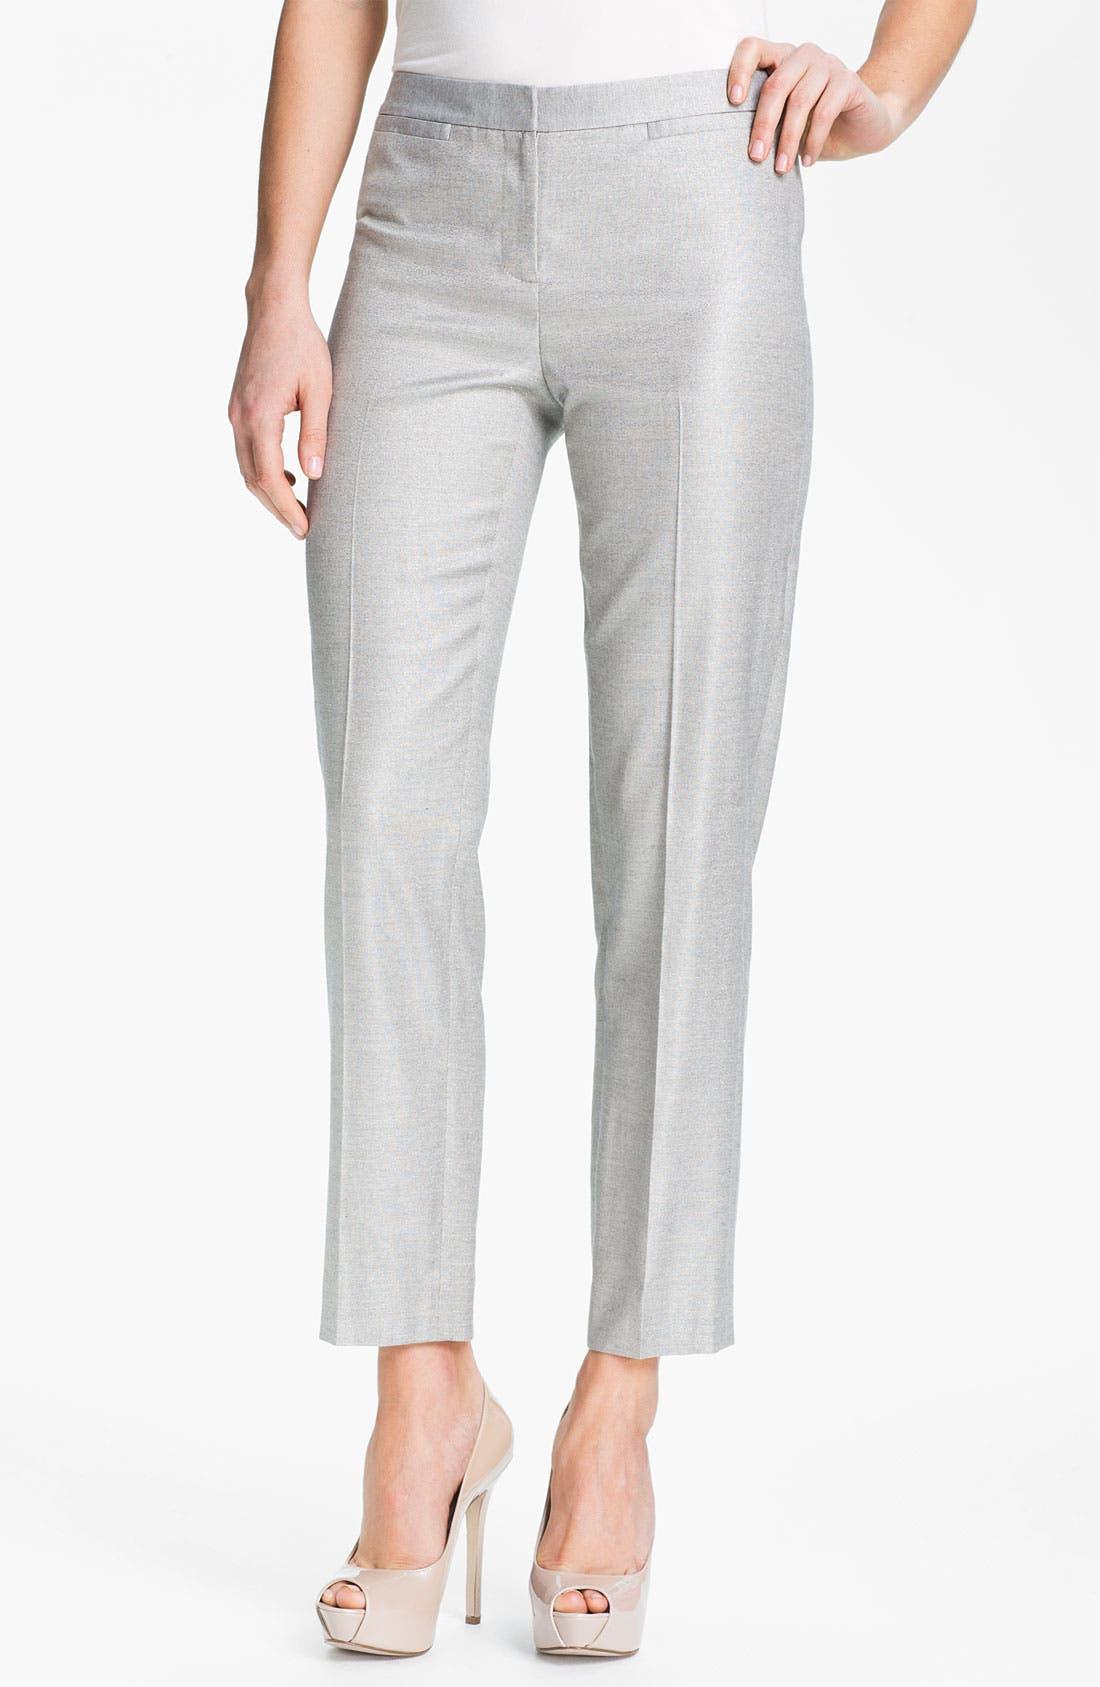 Alternate Image 1 Selected - Classiques Entier 'Radiant Blend' Pants